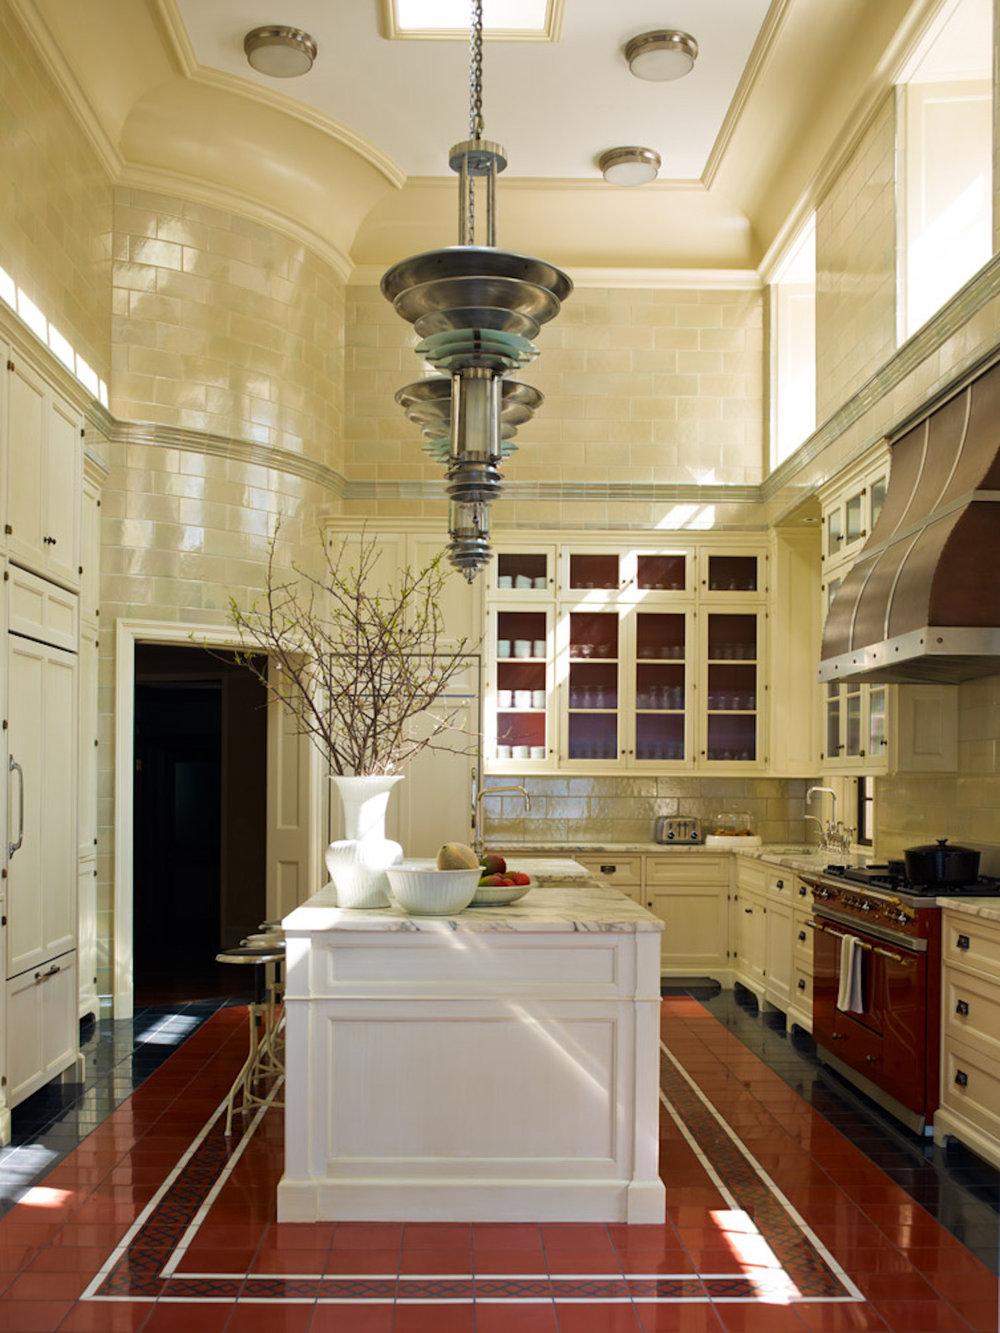 0901_kitchen 2.jpg